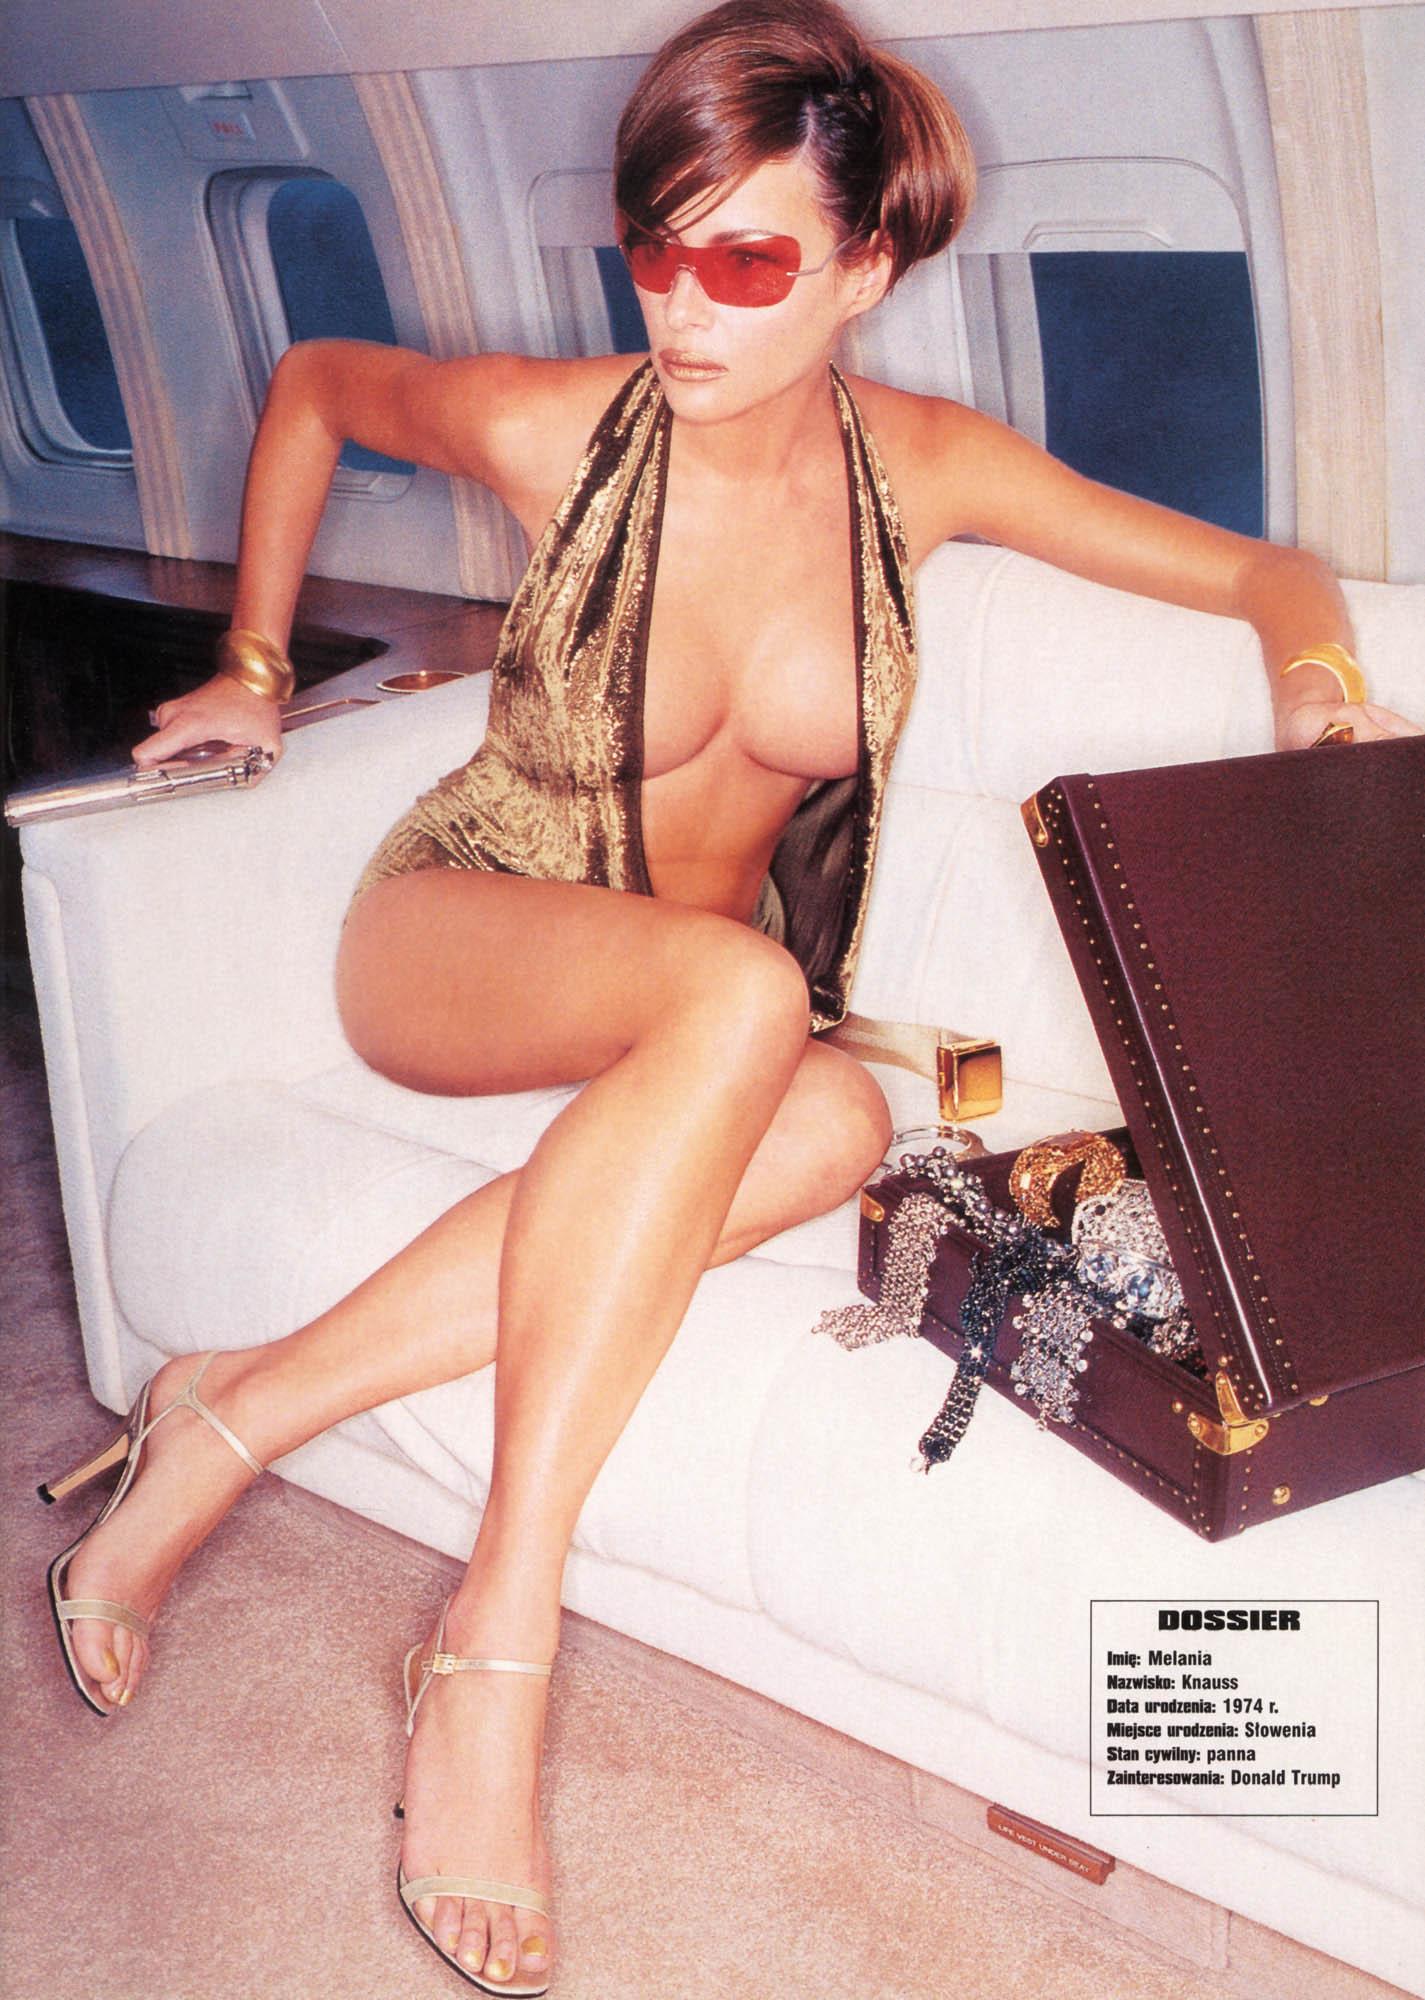 Melania Trump xxx Esposa de Donald Trump Desnuda -famosas-estadounidenses-fotos-porno-filtradas-sexo-celebrity-usa-modelo (17)